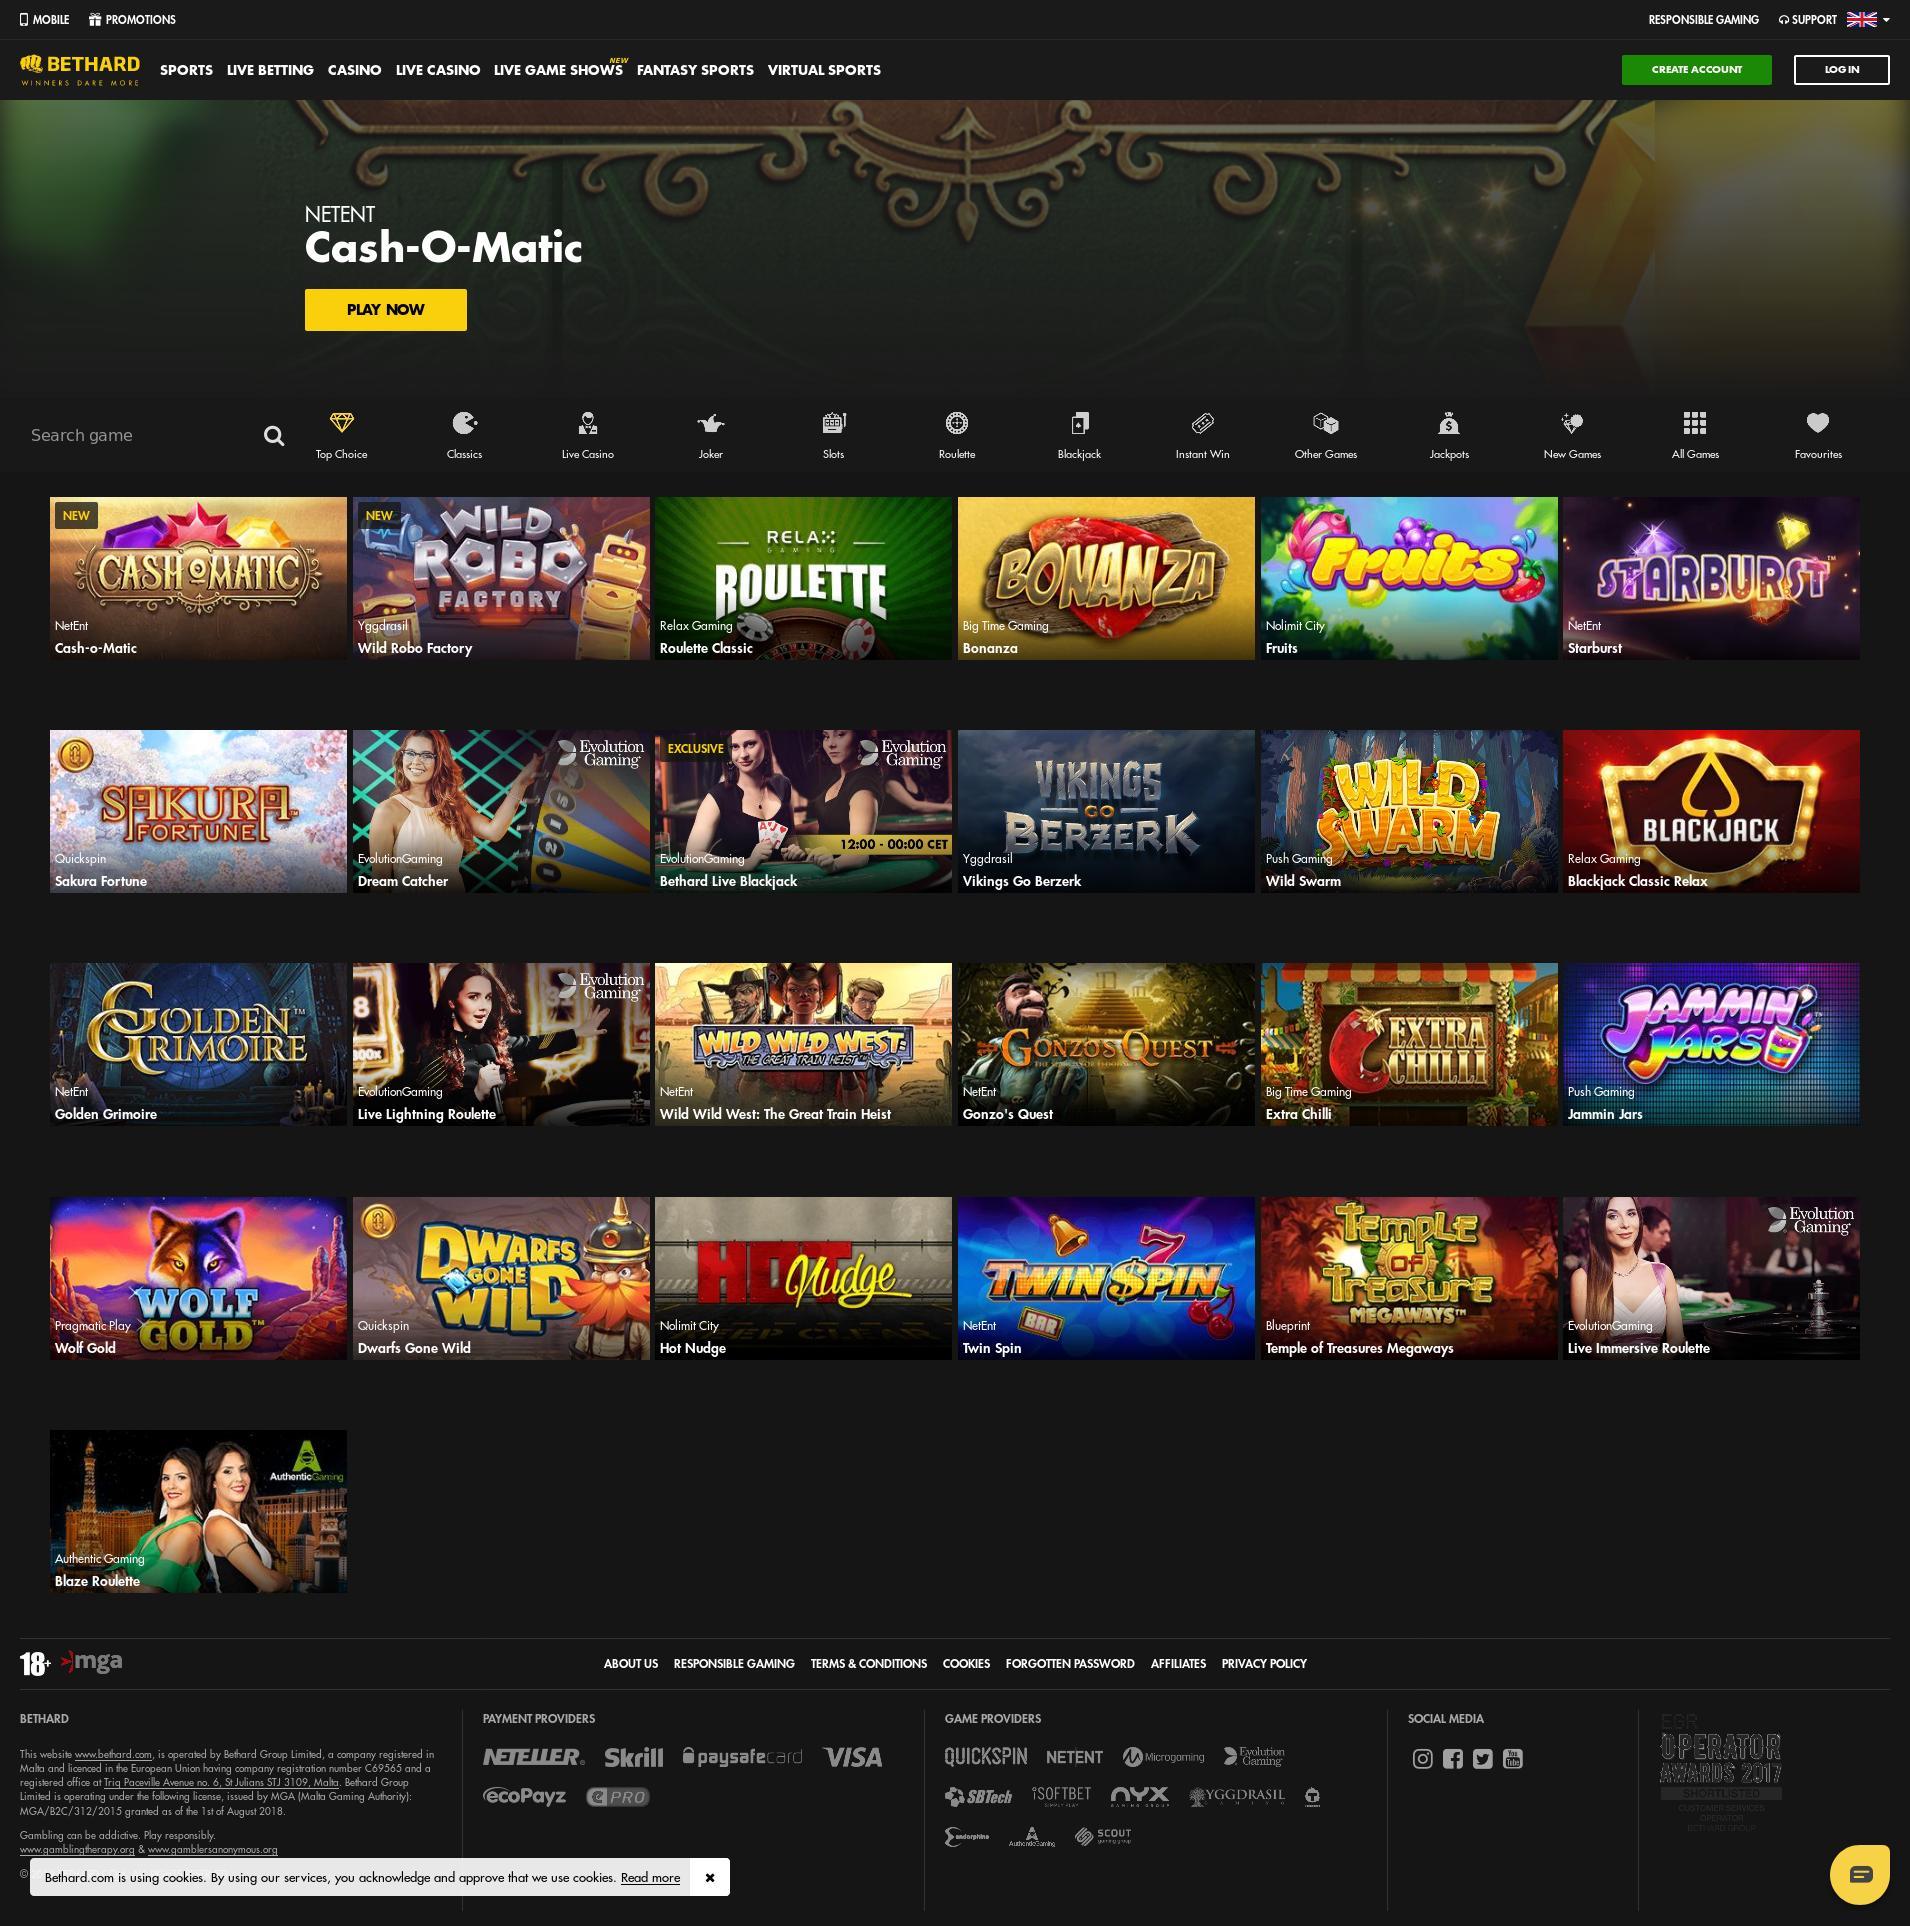 Casino skärm Lobby 2019-06-26 för Sverige